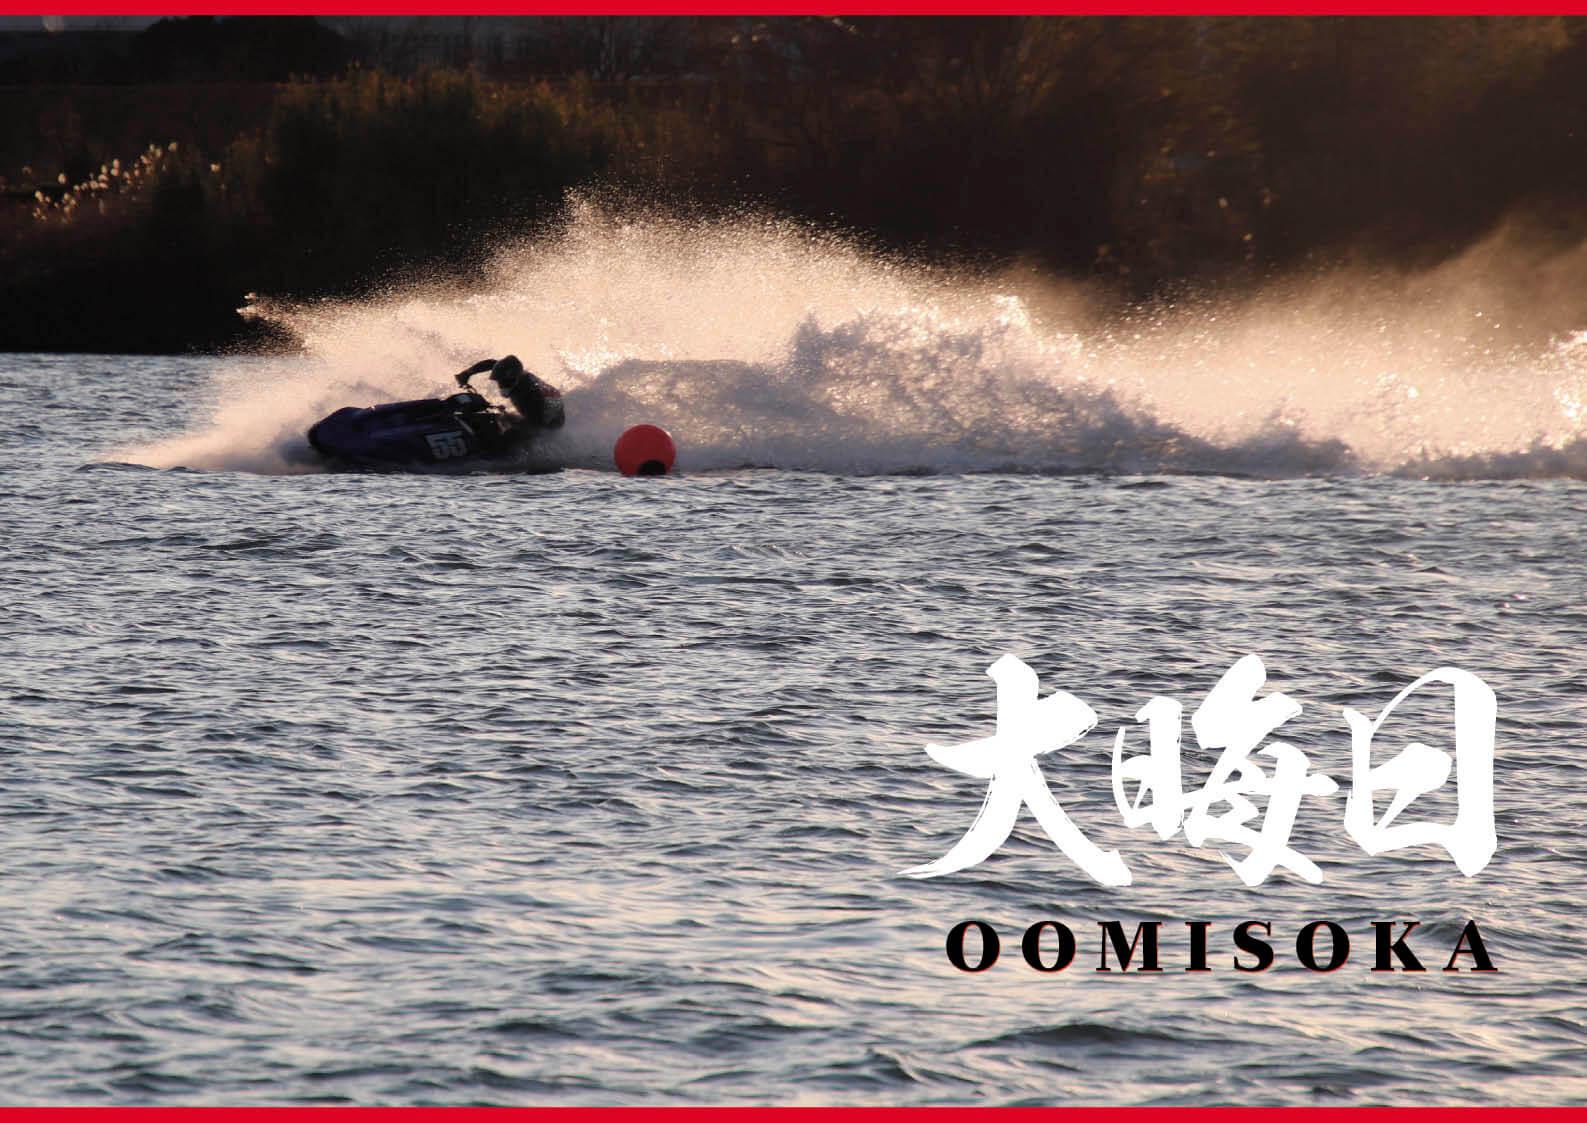 2020年の大晦日 1年の締めはジェットスキーにあり 【コラム】ジェットスキー(水上バイク)